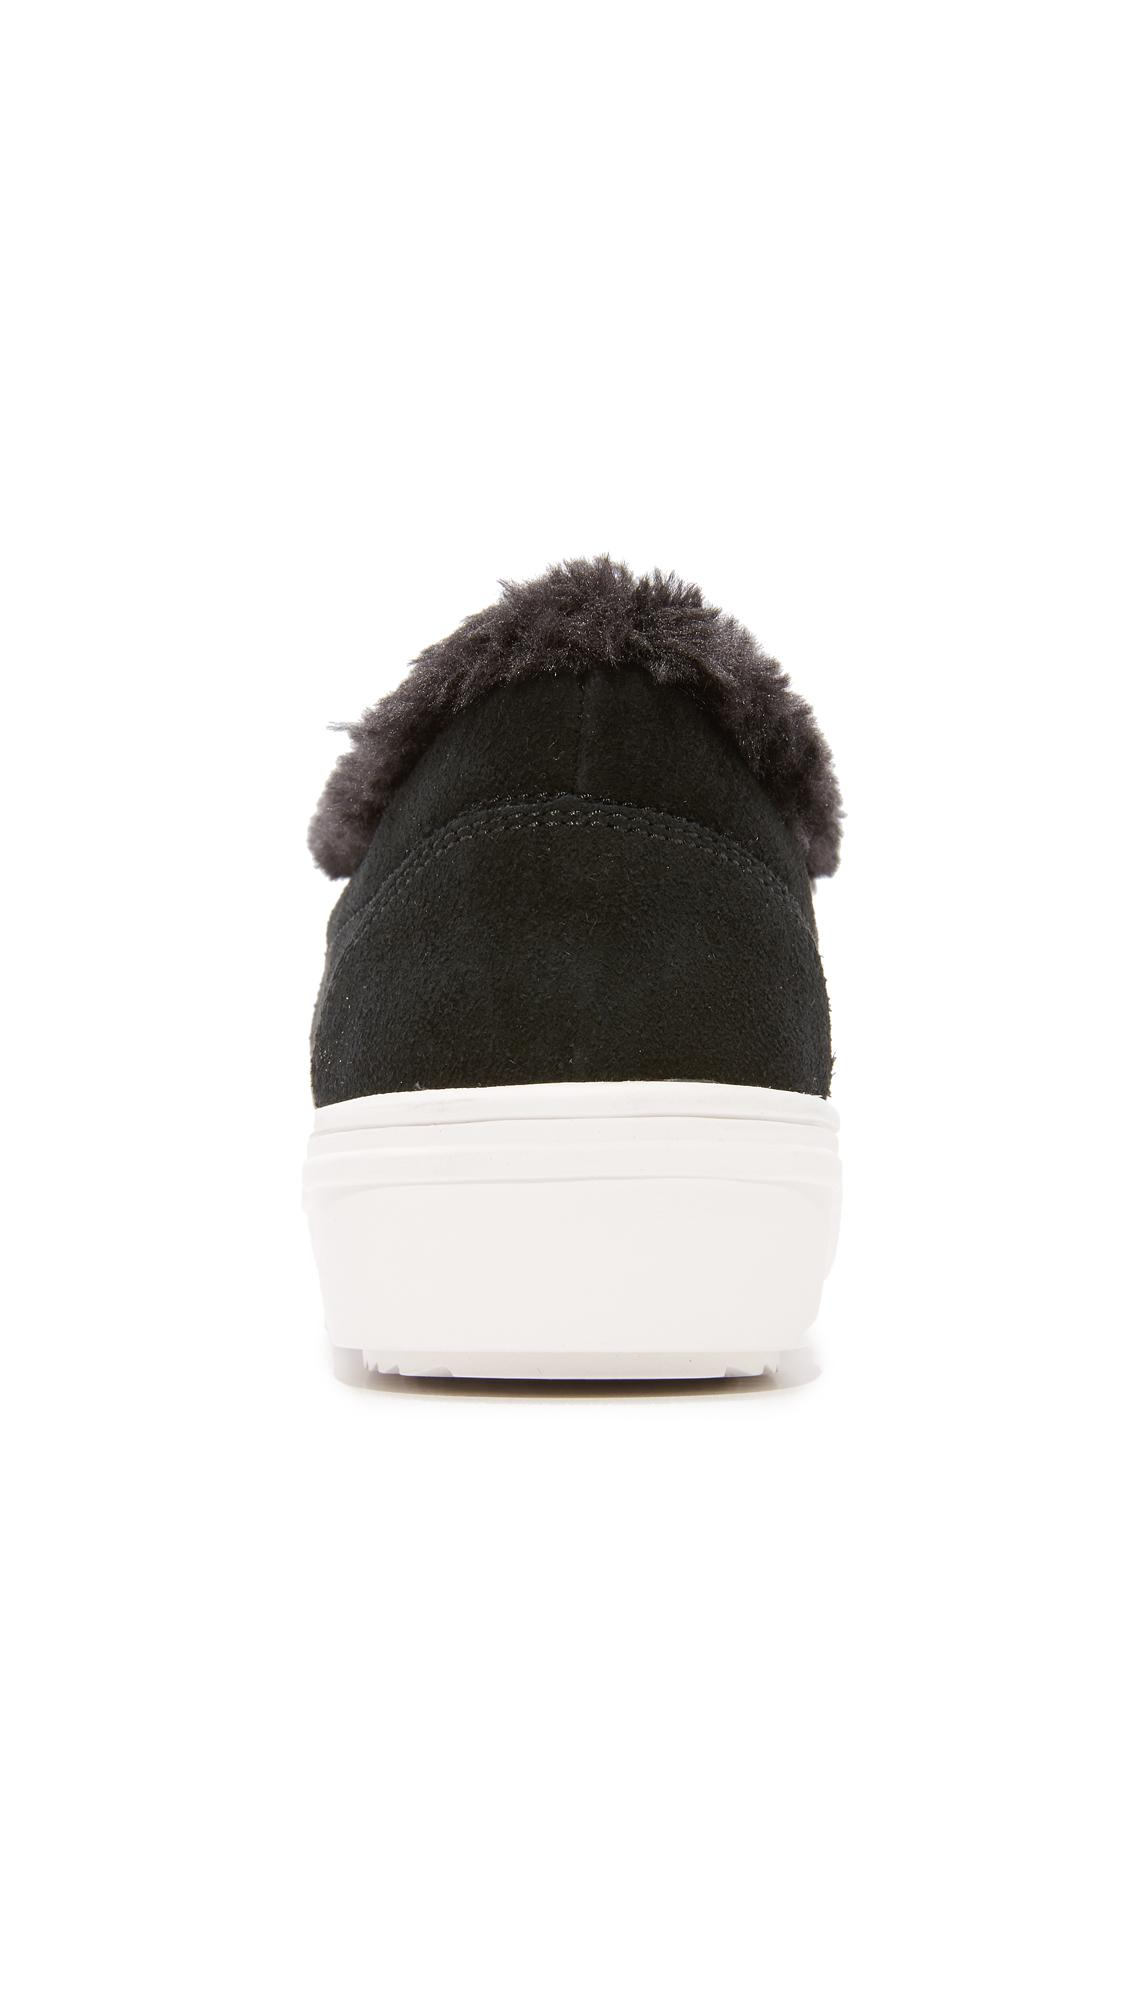 Steven by Steve Madden Cuddles Faux Fur Sneakers in Black